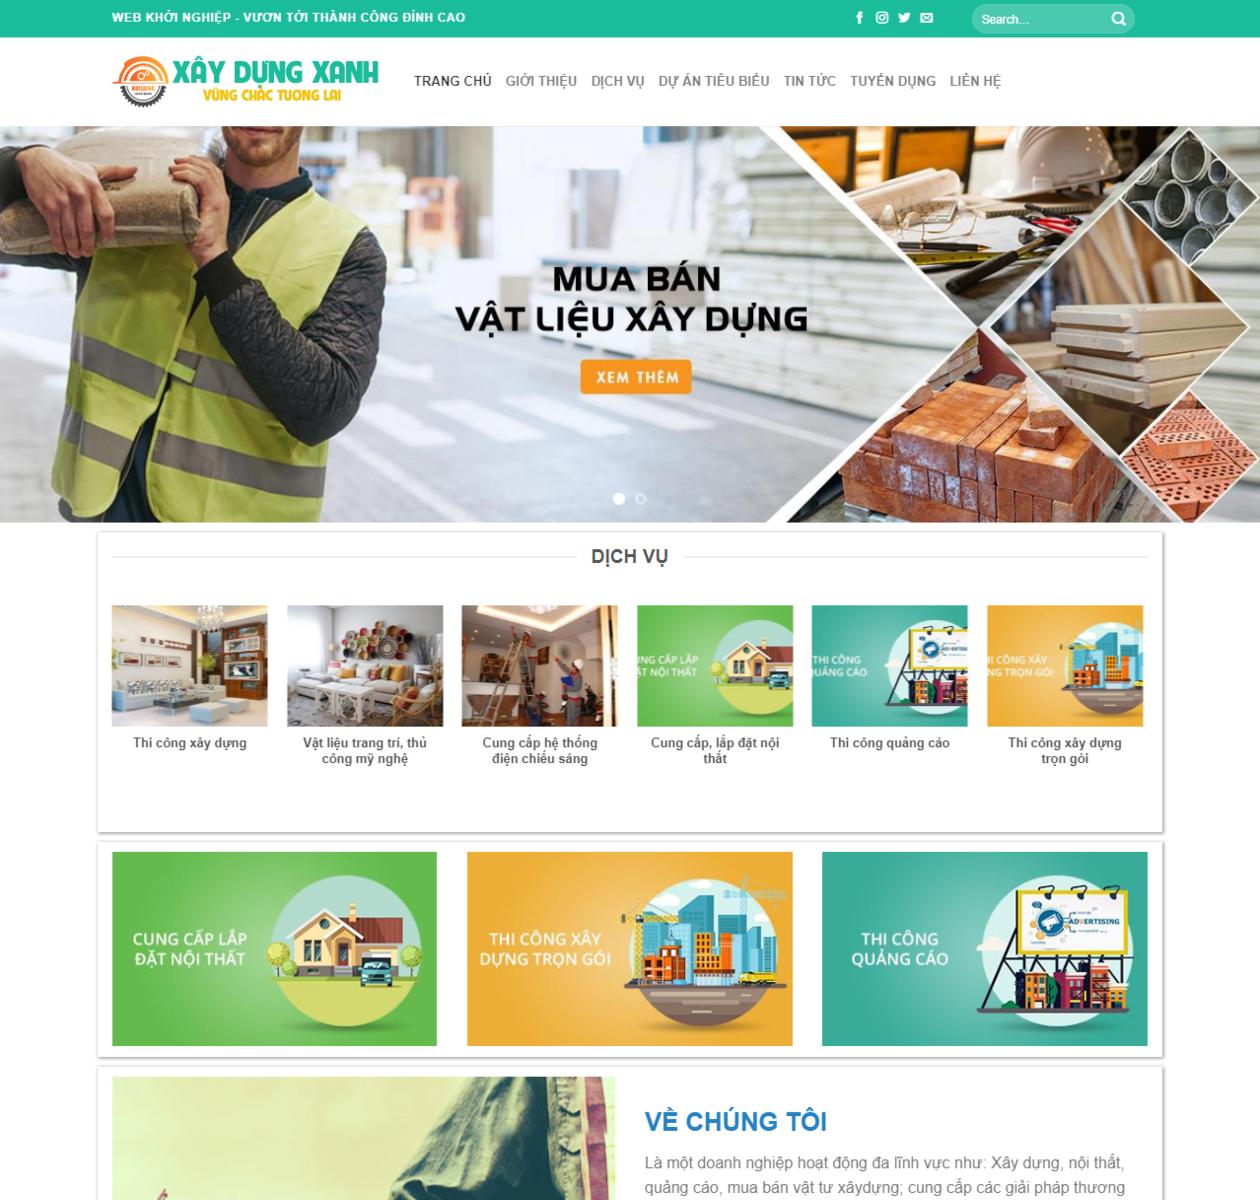 Thiết kế web xây dựng xanh thumbnail